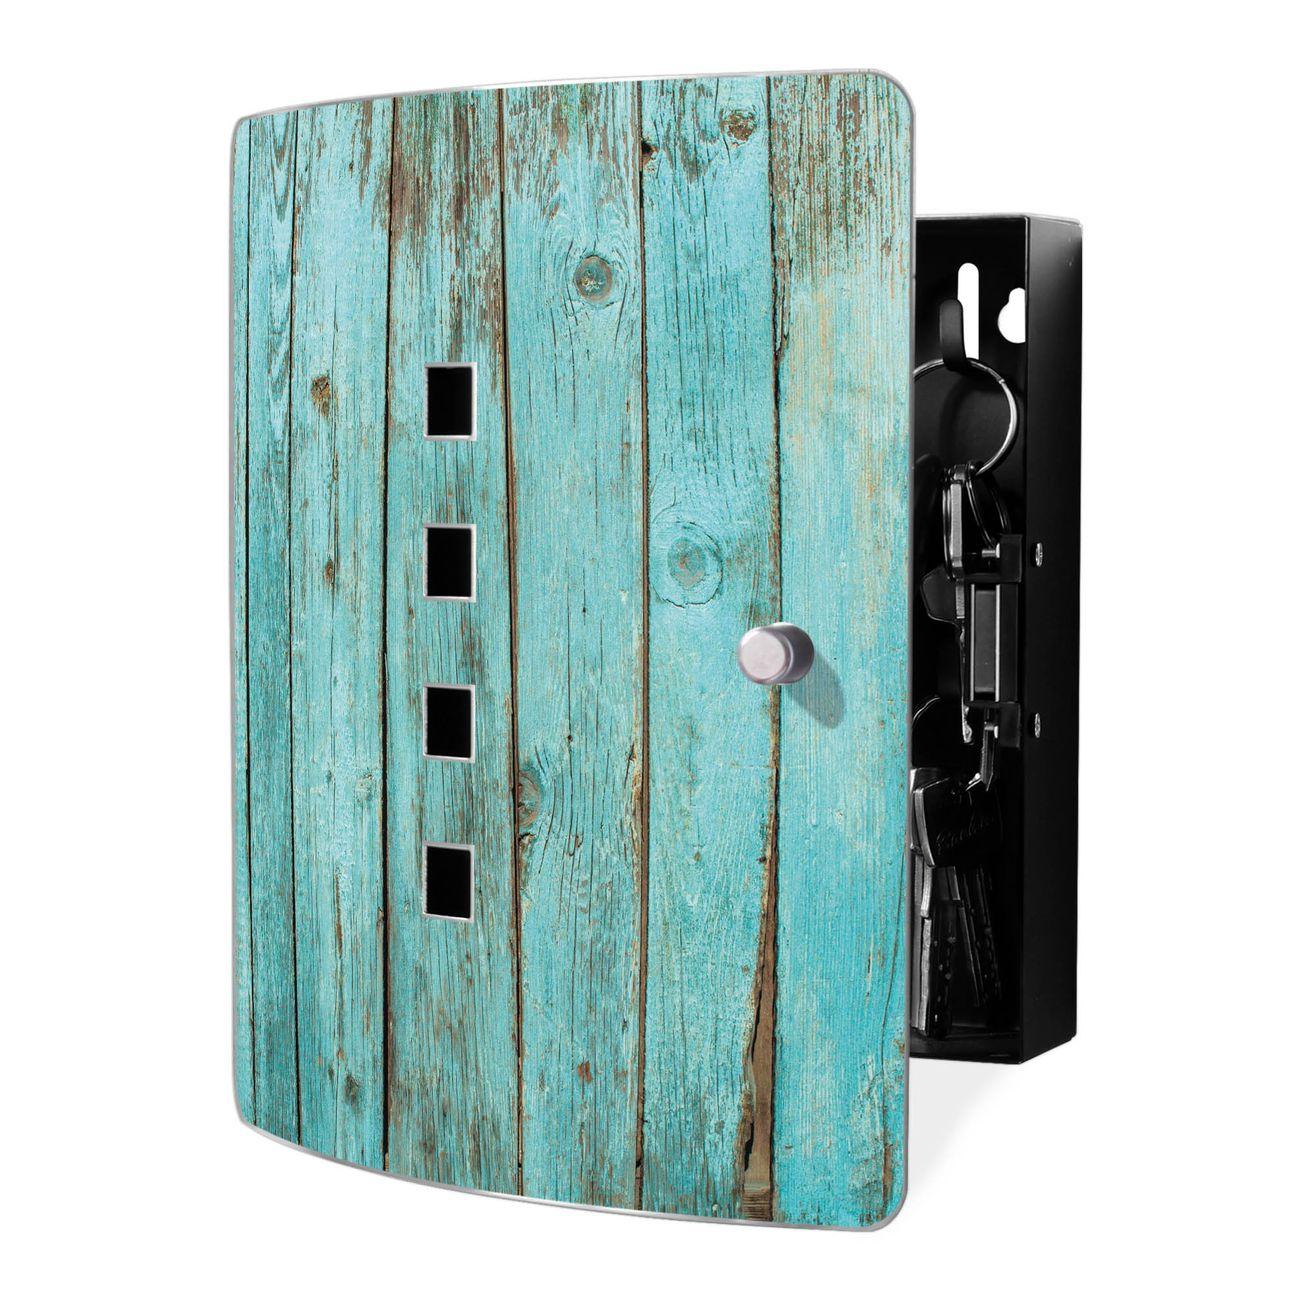 Schlüsselkasten Motiv Blaues Holz